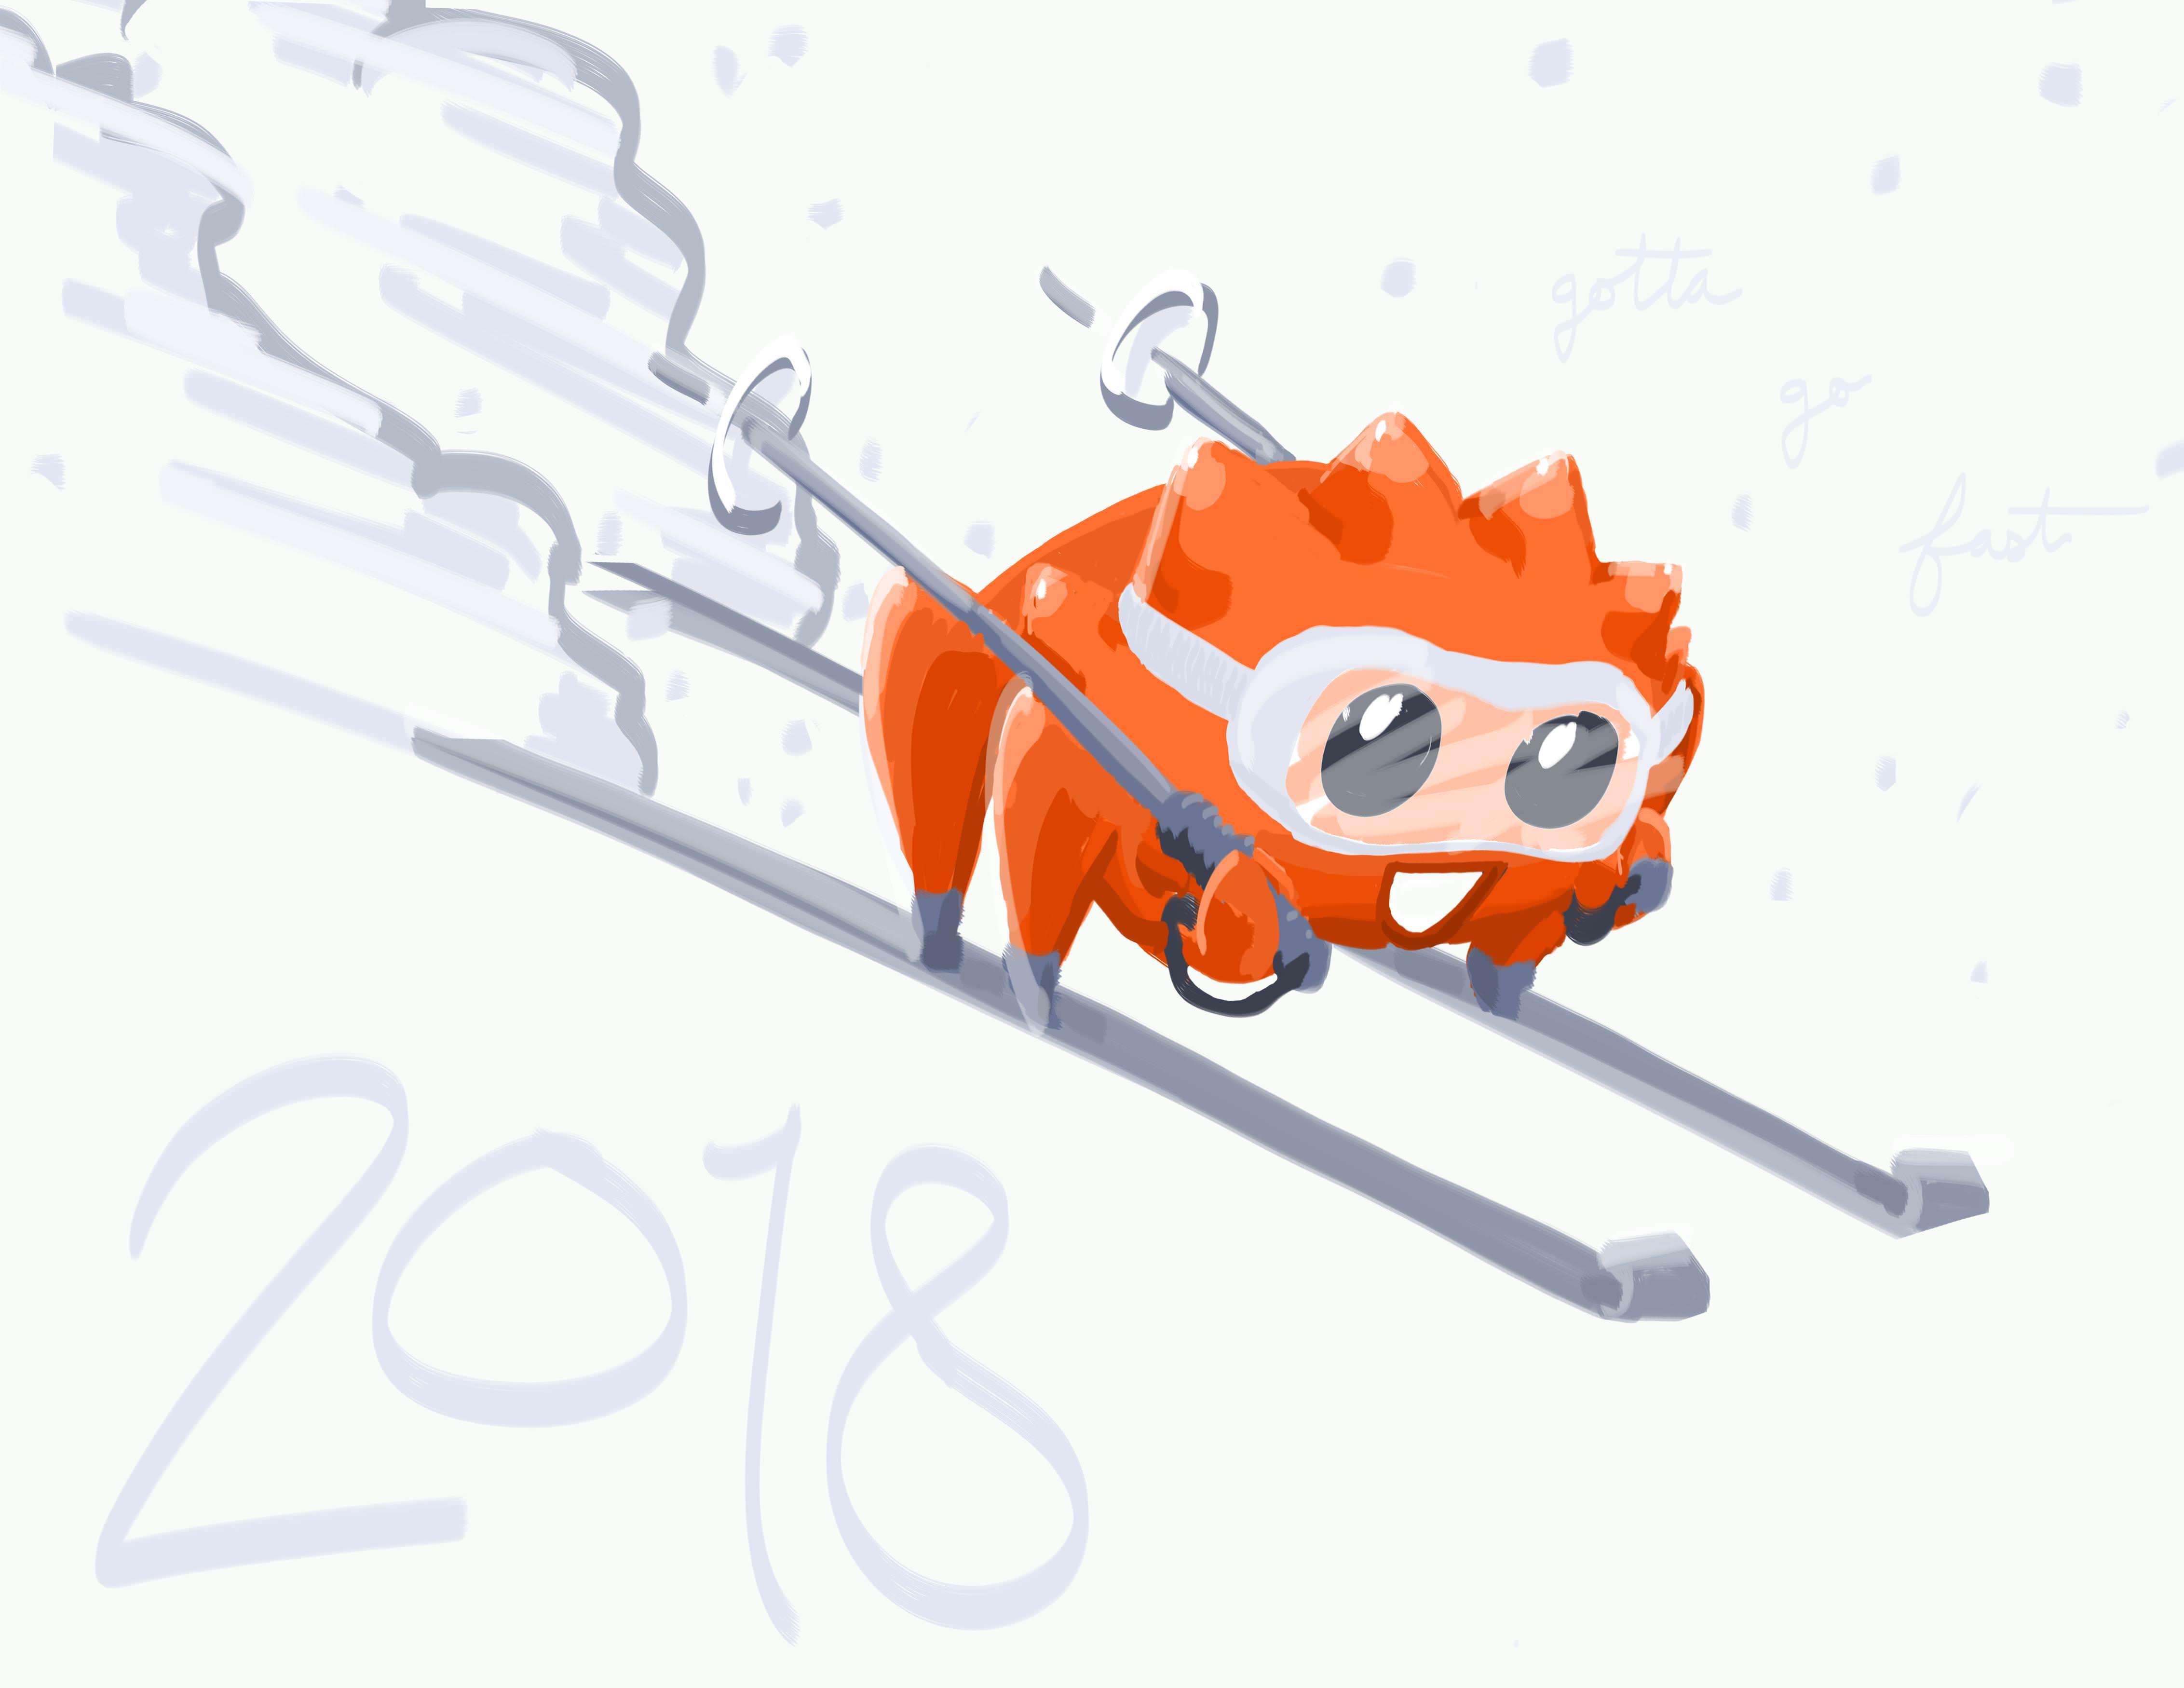 КДПВ про Rust2018